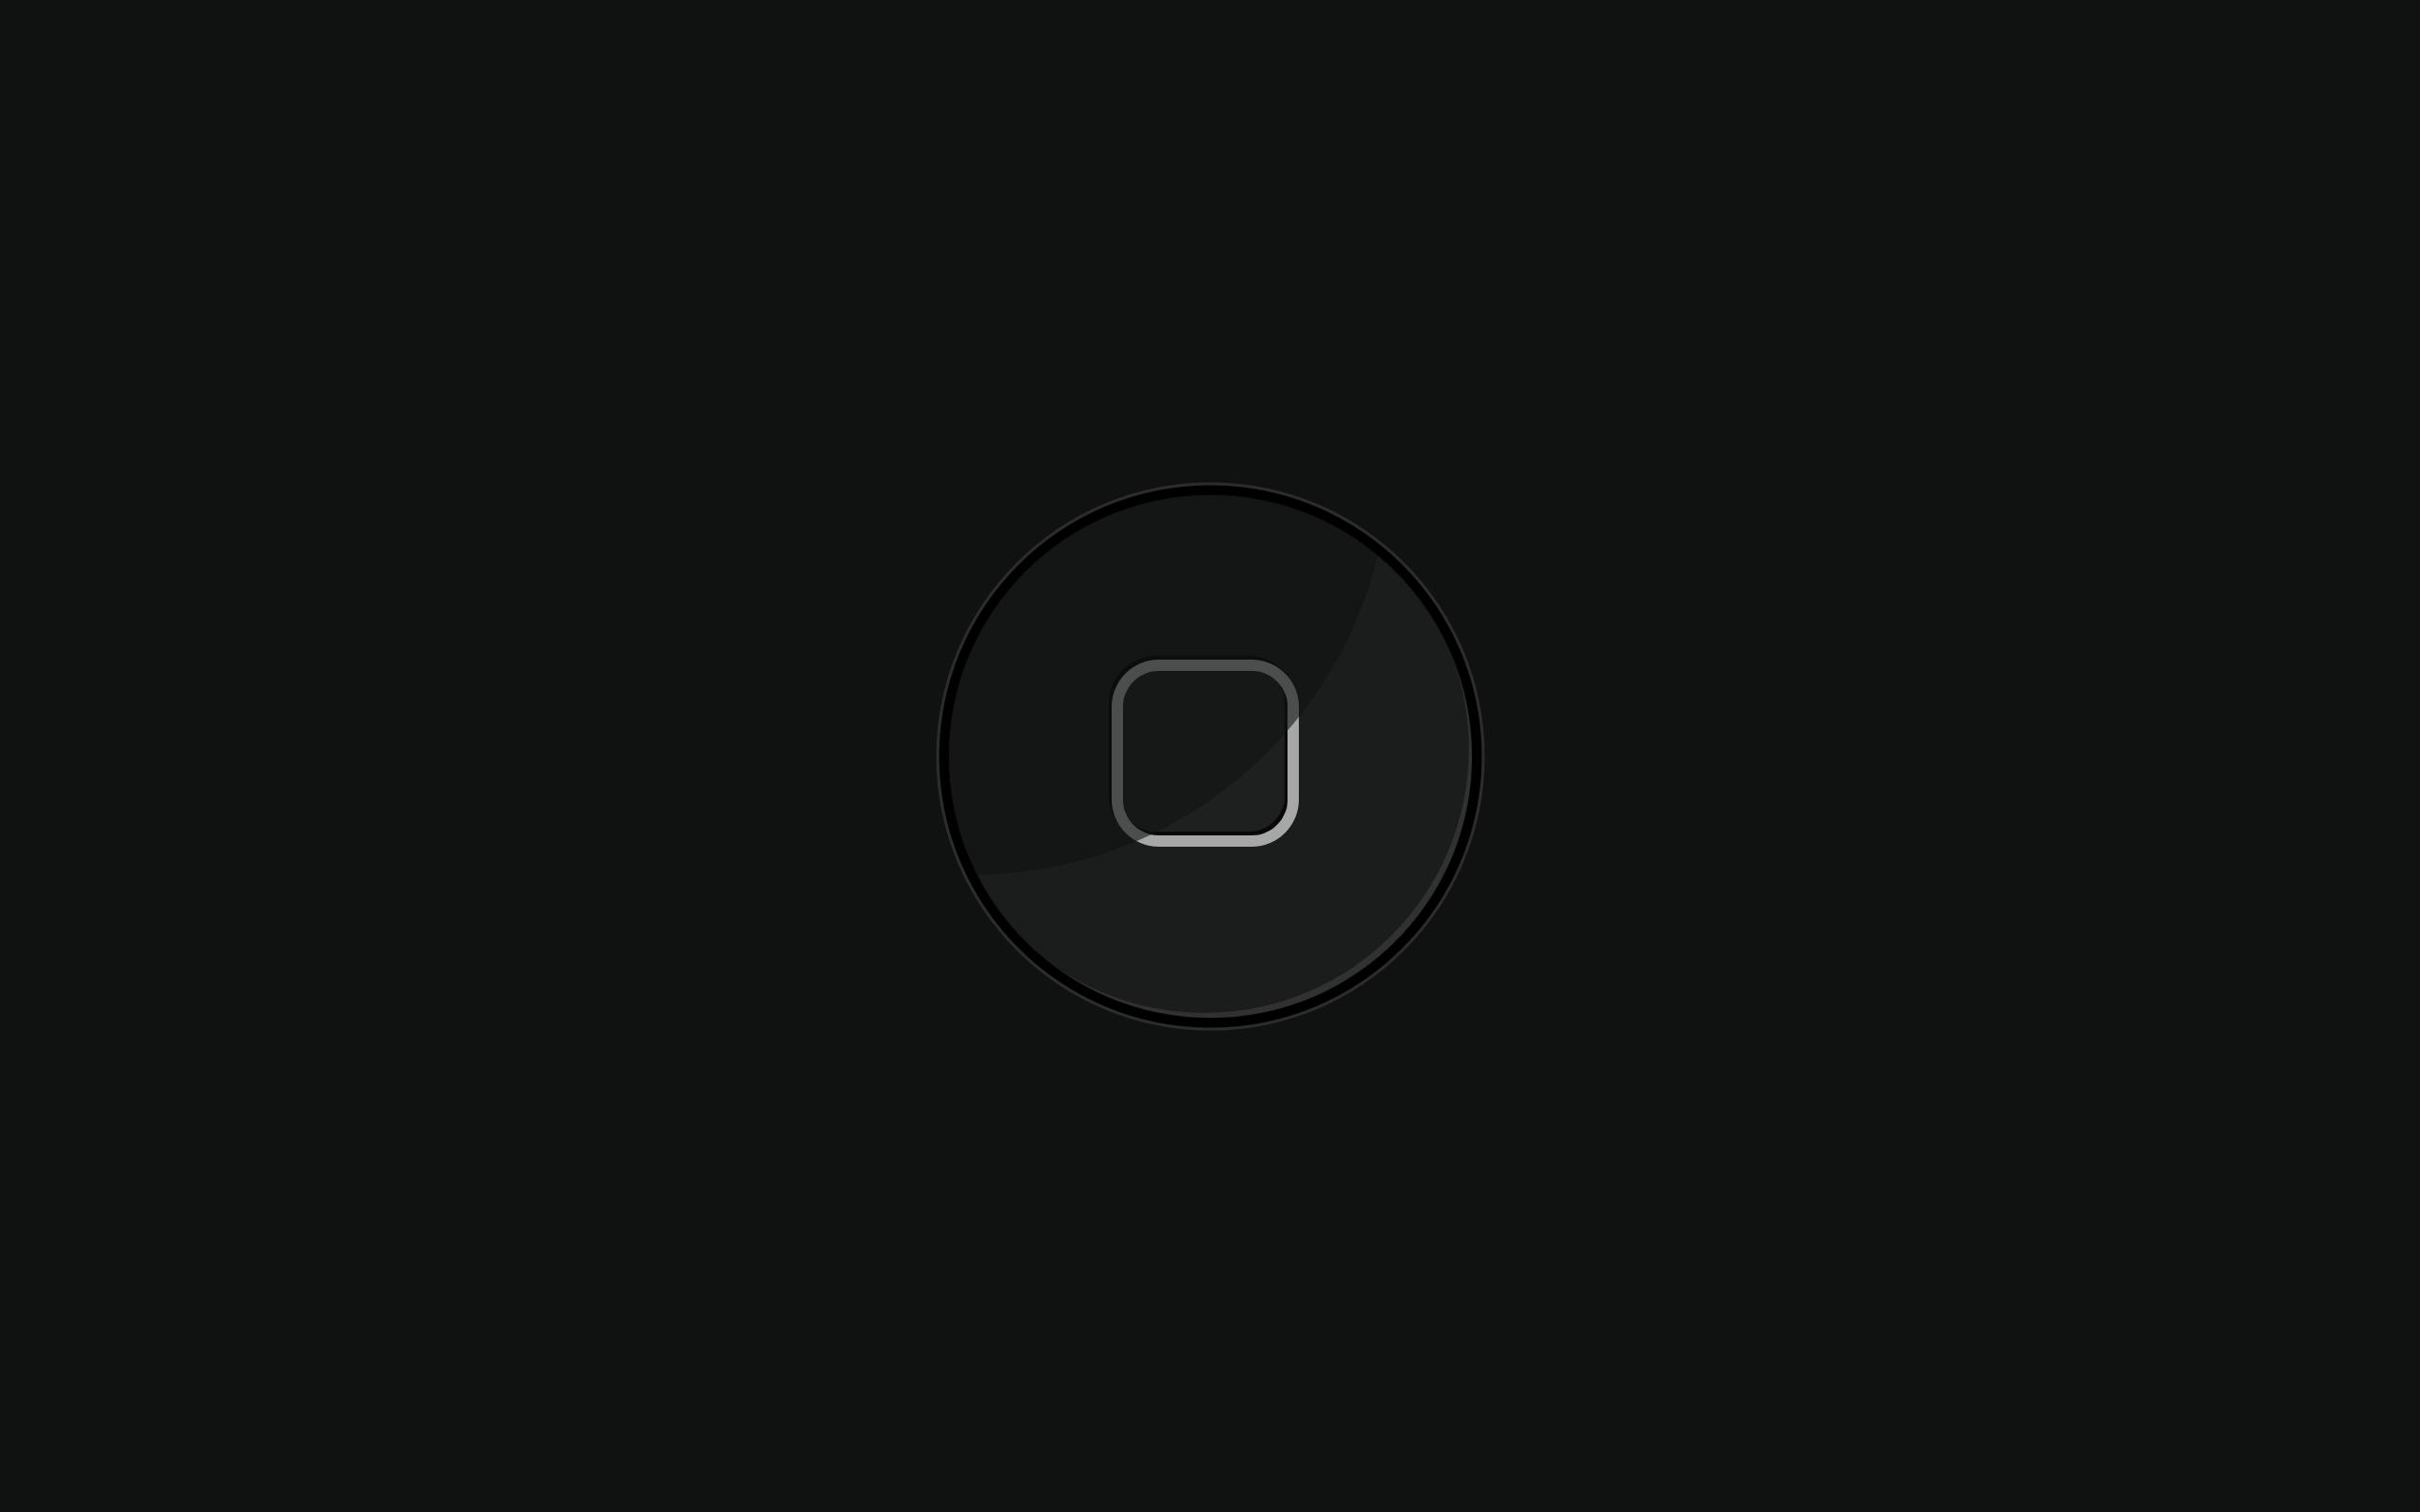 デスクトップ壁紙 テキスト ロゴ サークル Iphone ブランド